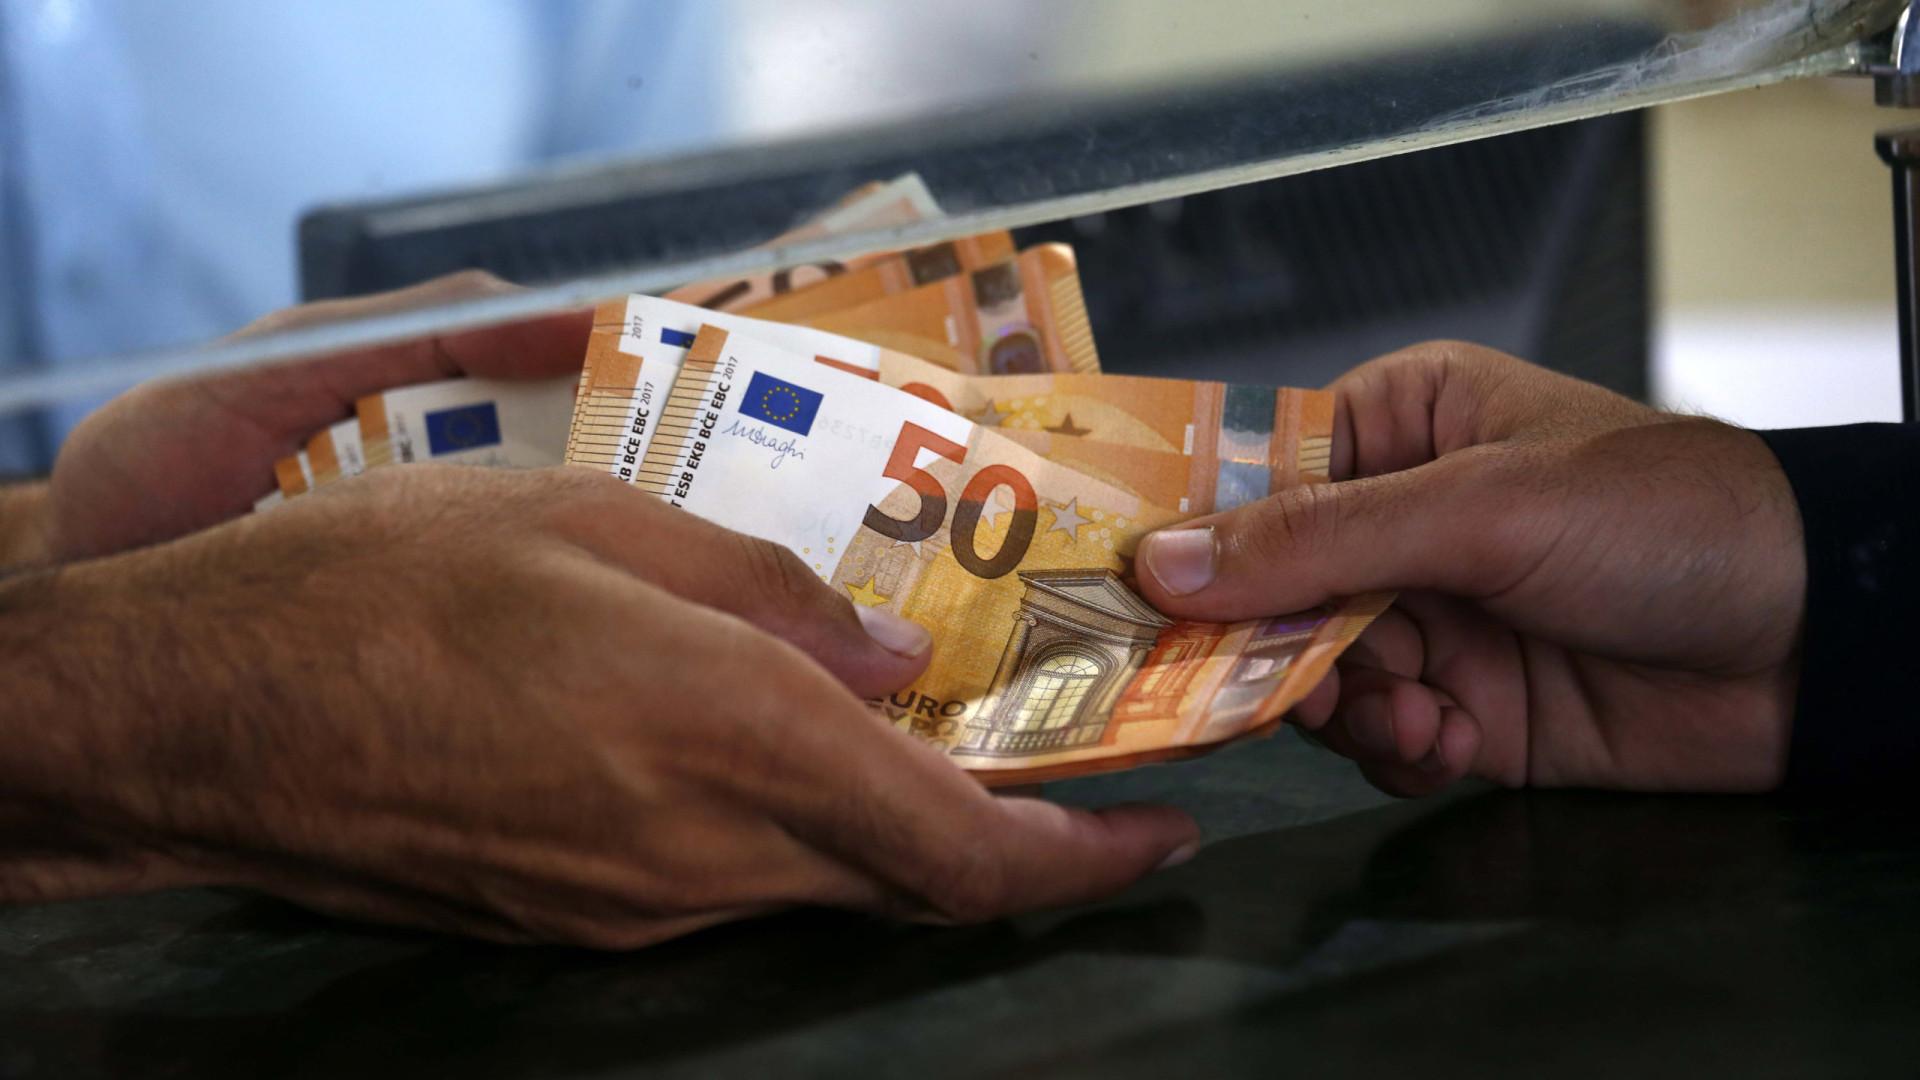 MP abriu mais de 5.500 inquéritos por corrupção e crimes conexos